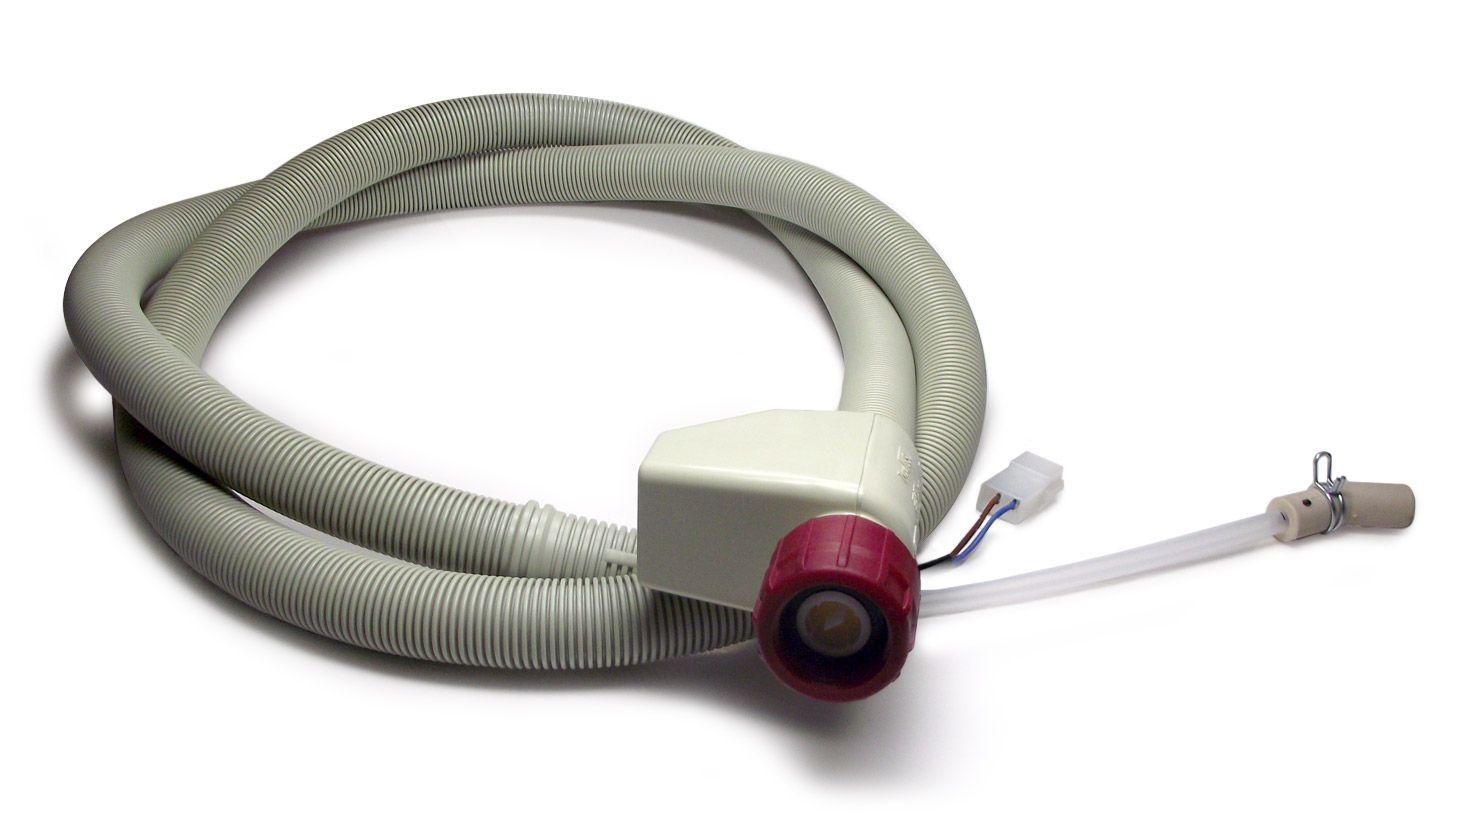 ventil, aqua, stop, hadice aquastopový ventil myčka Beko - 1887680100 Arcelik - Beko, Blomberg